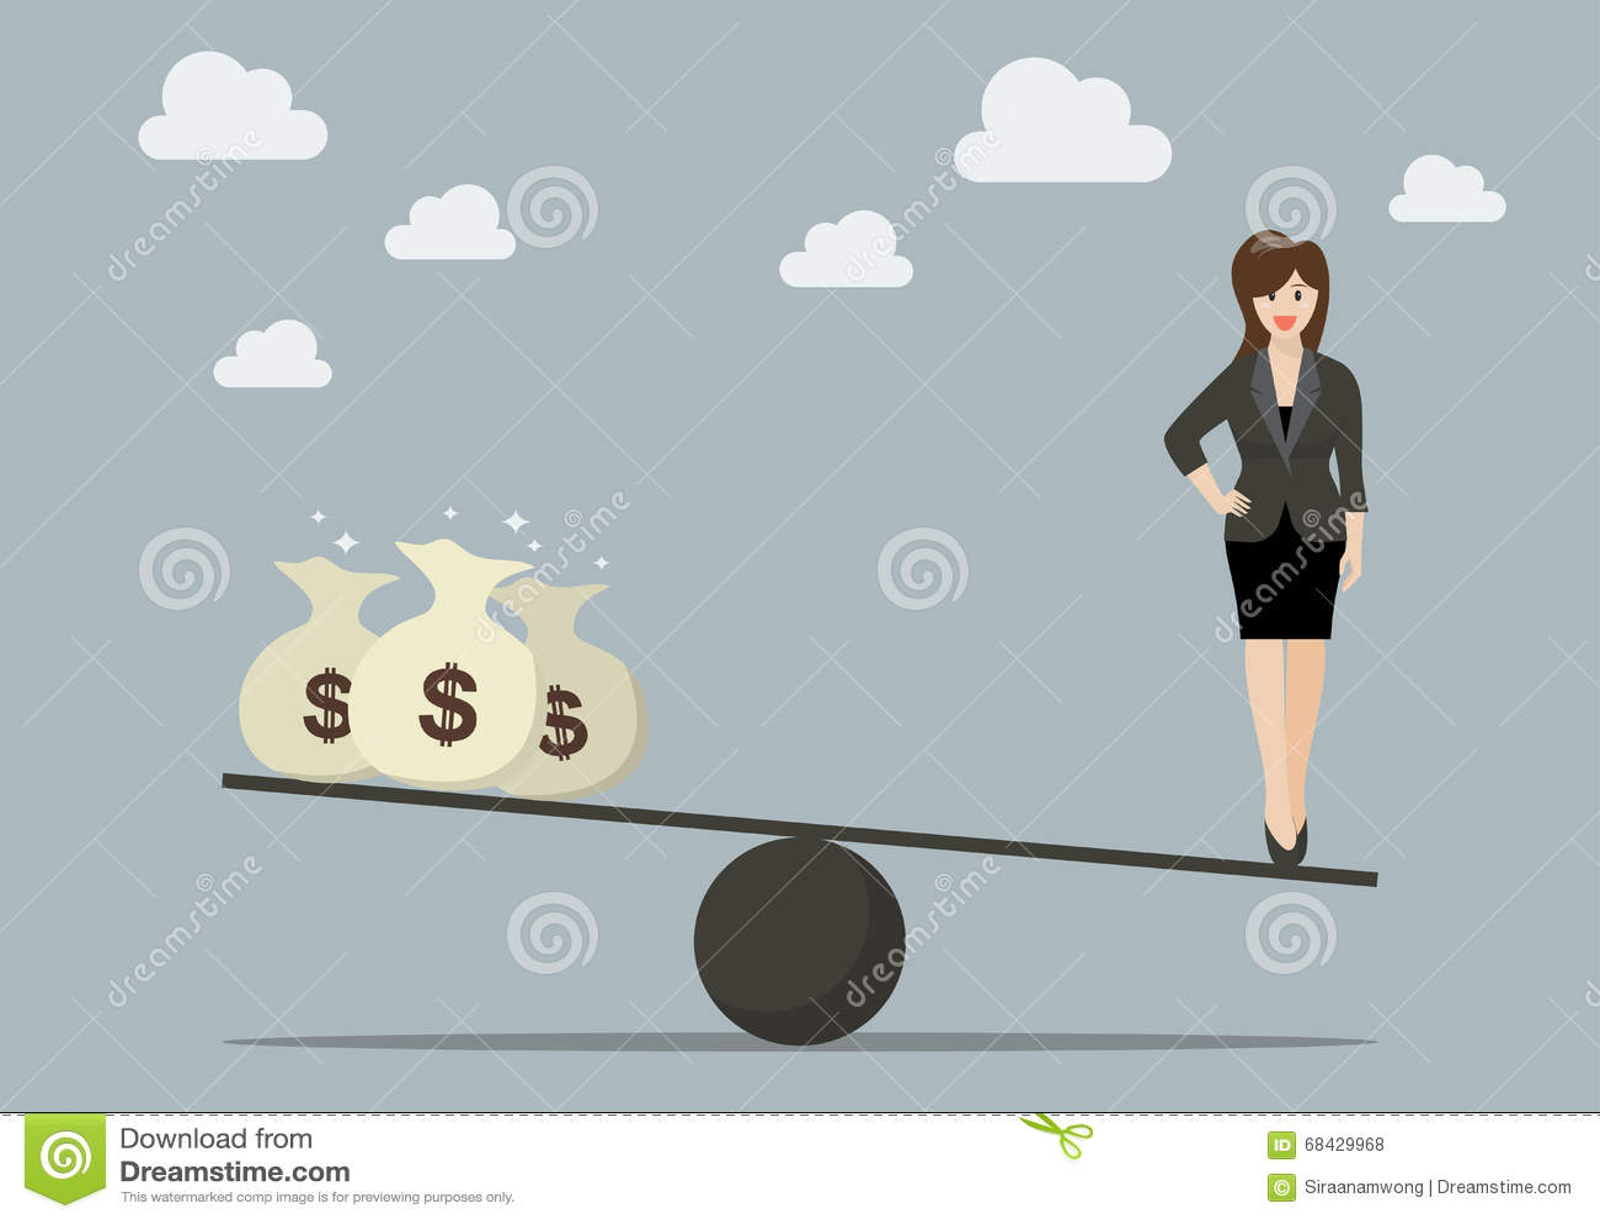 之间_平衡在工作和金钱之间